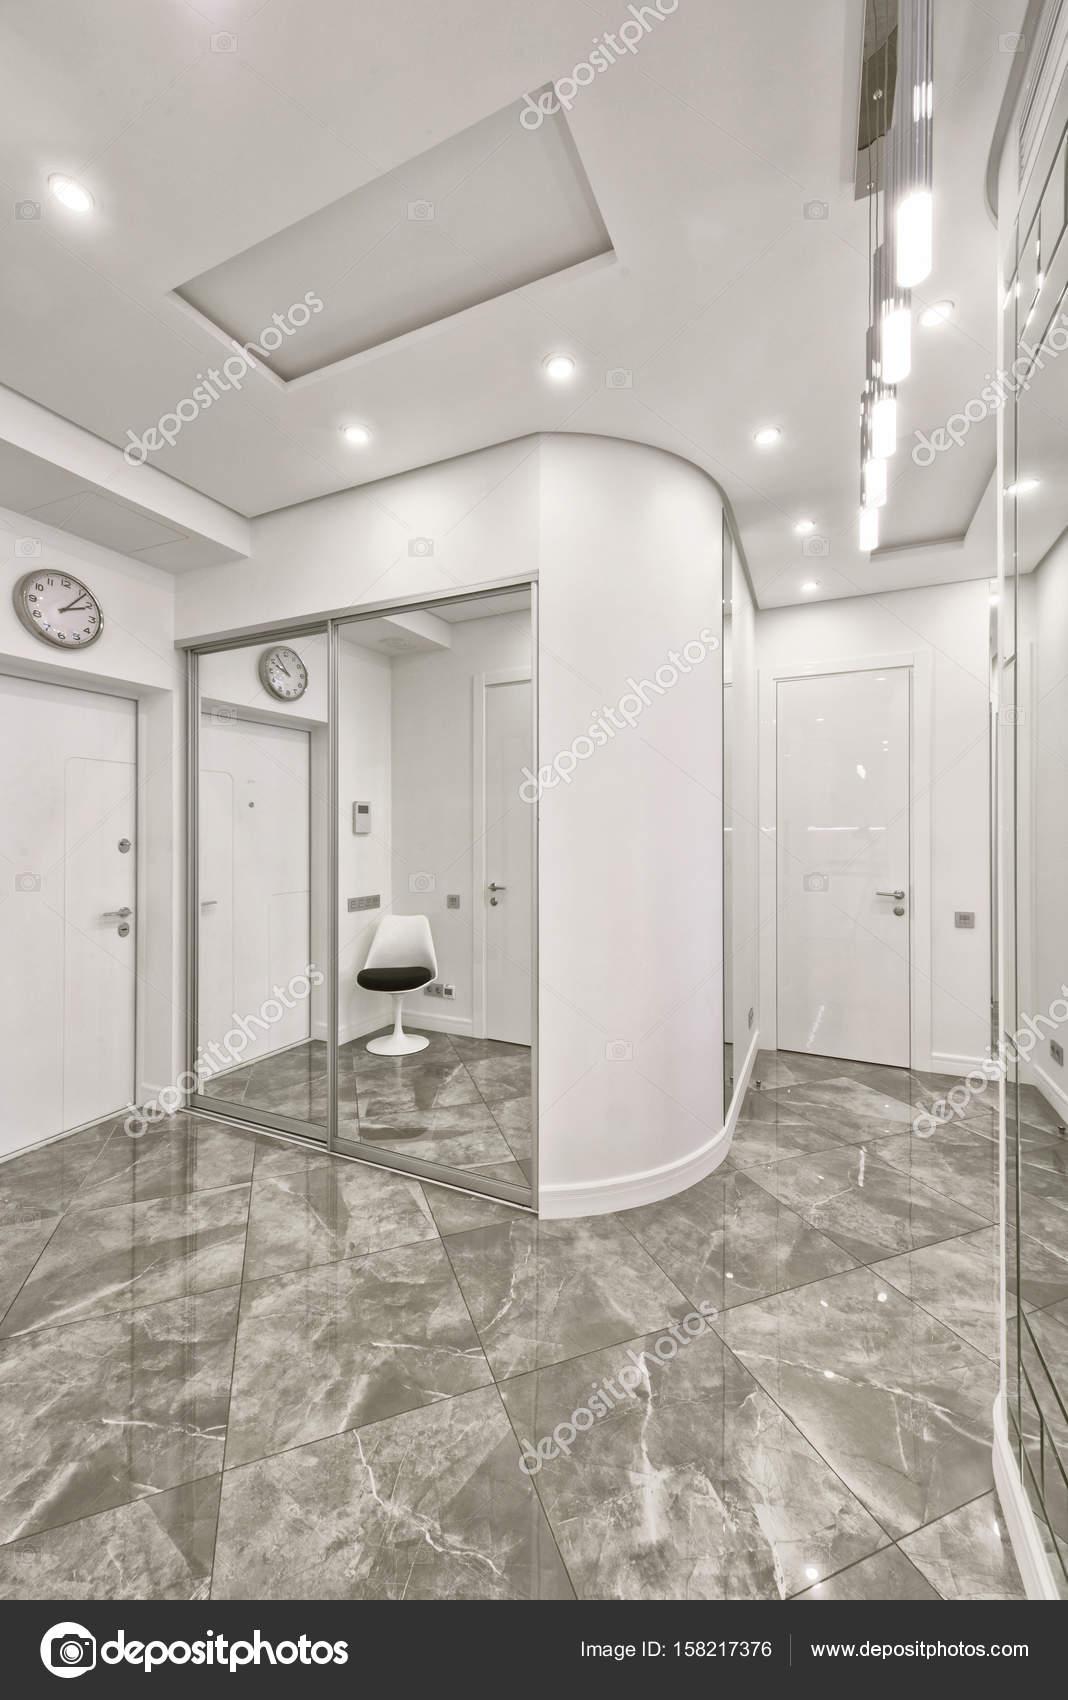 Innenarchitektur Halle russland moskau die innenarchitektur der halle in eine neue